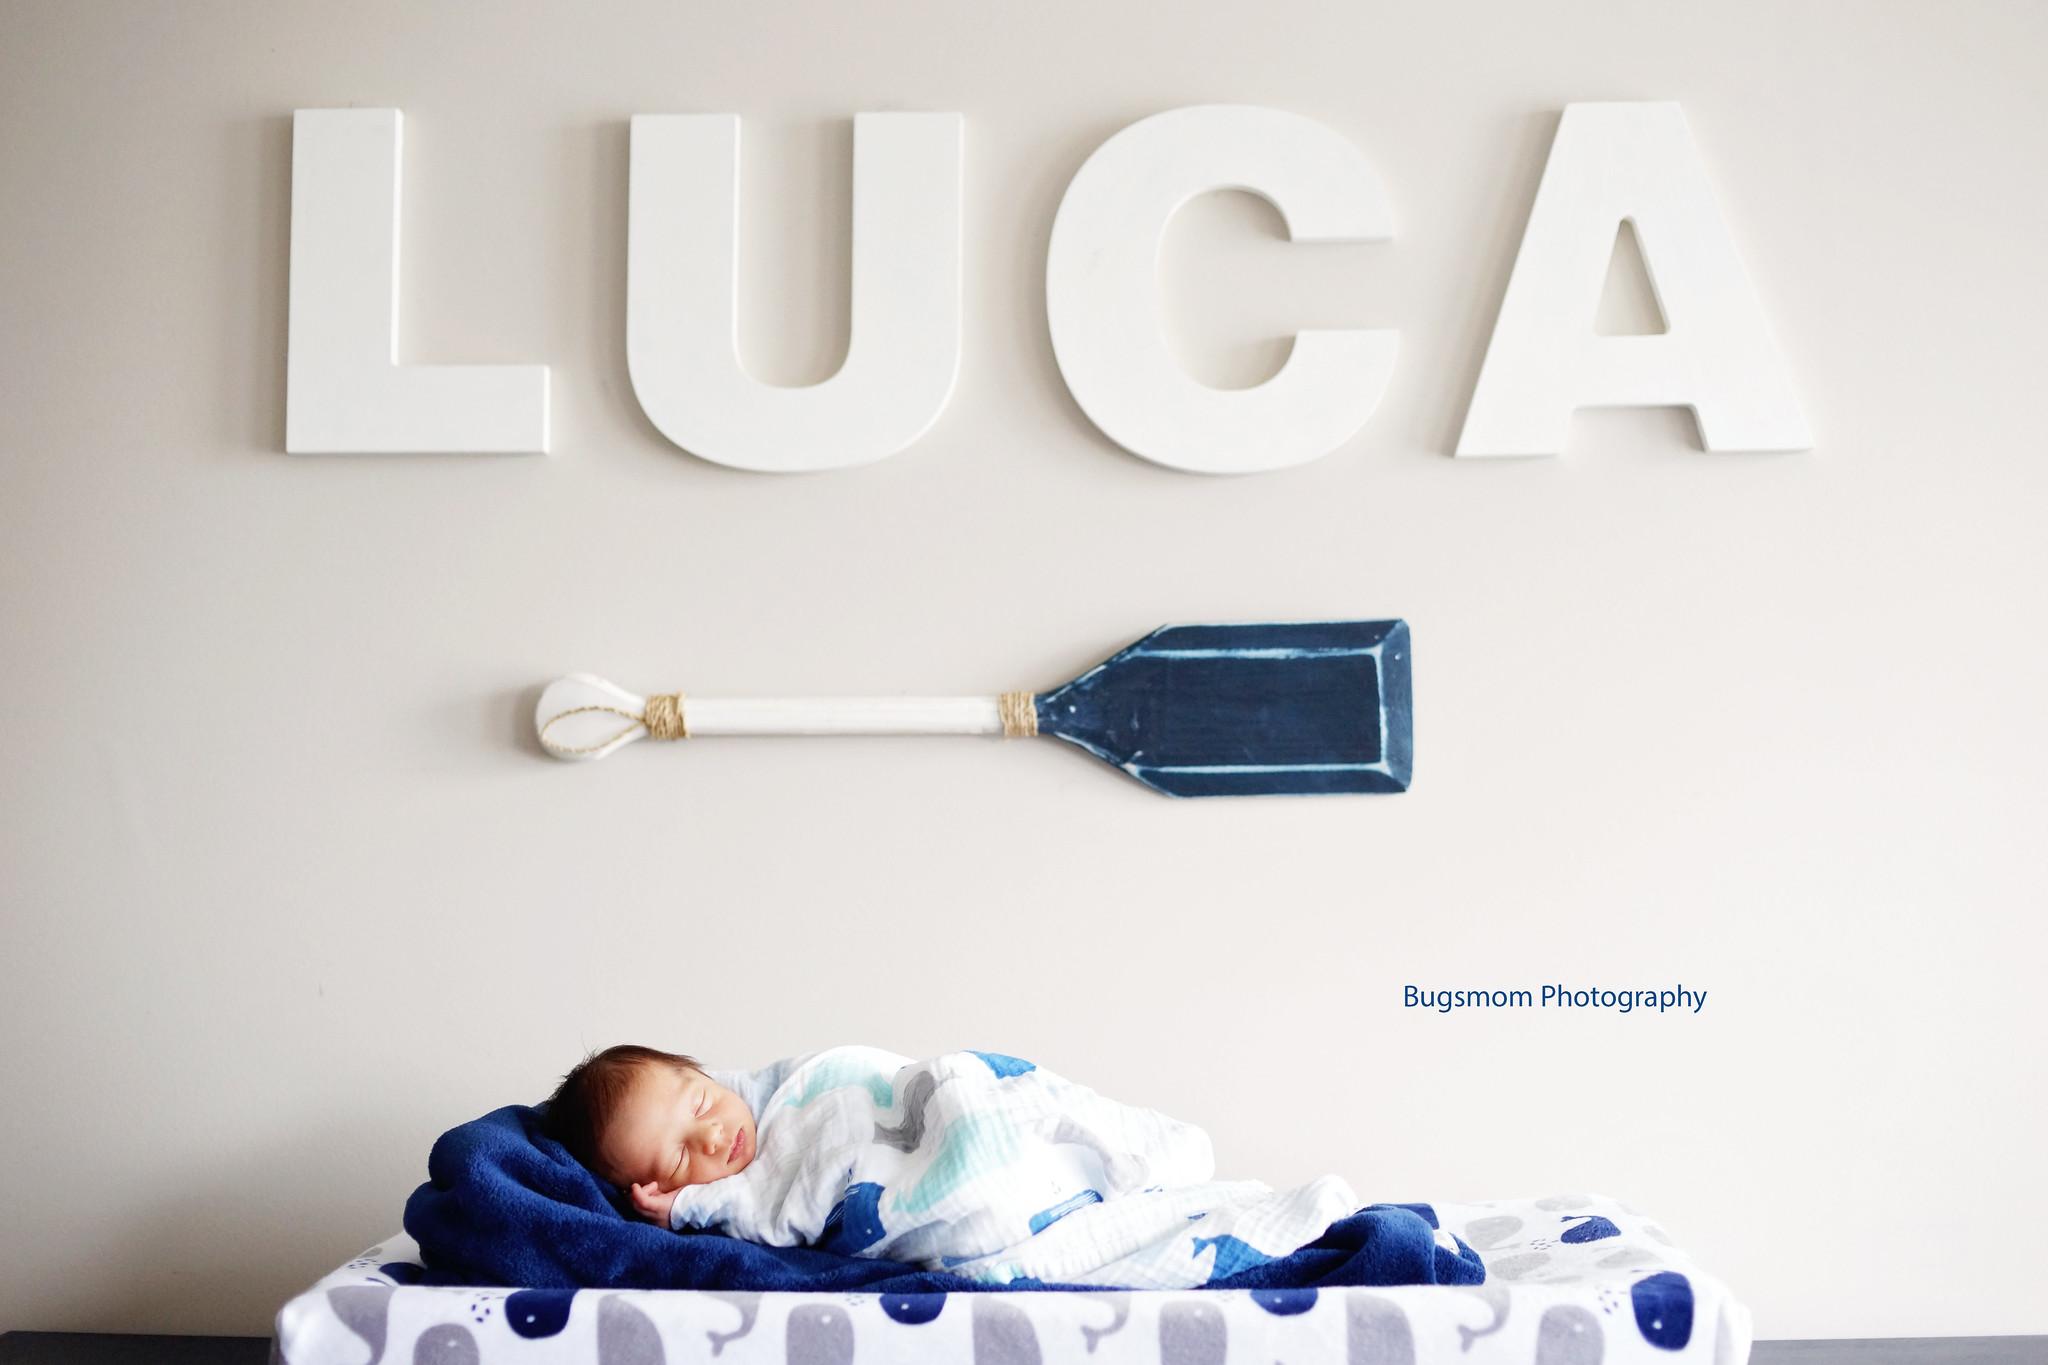 luca1